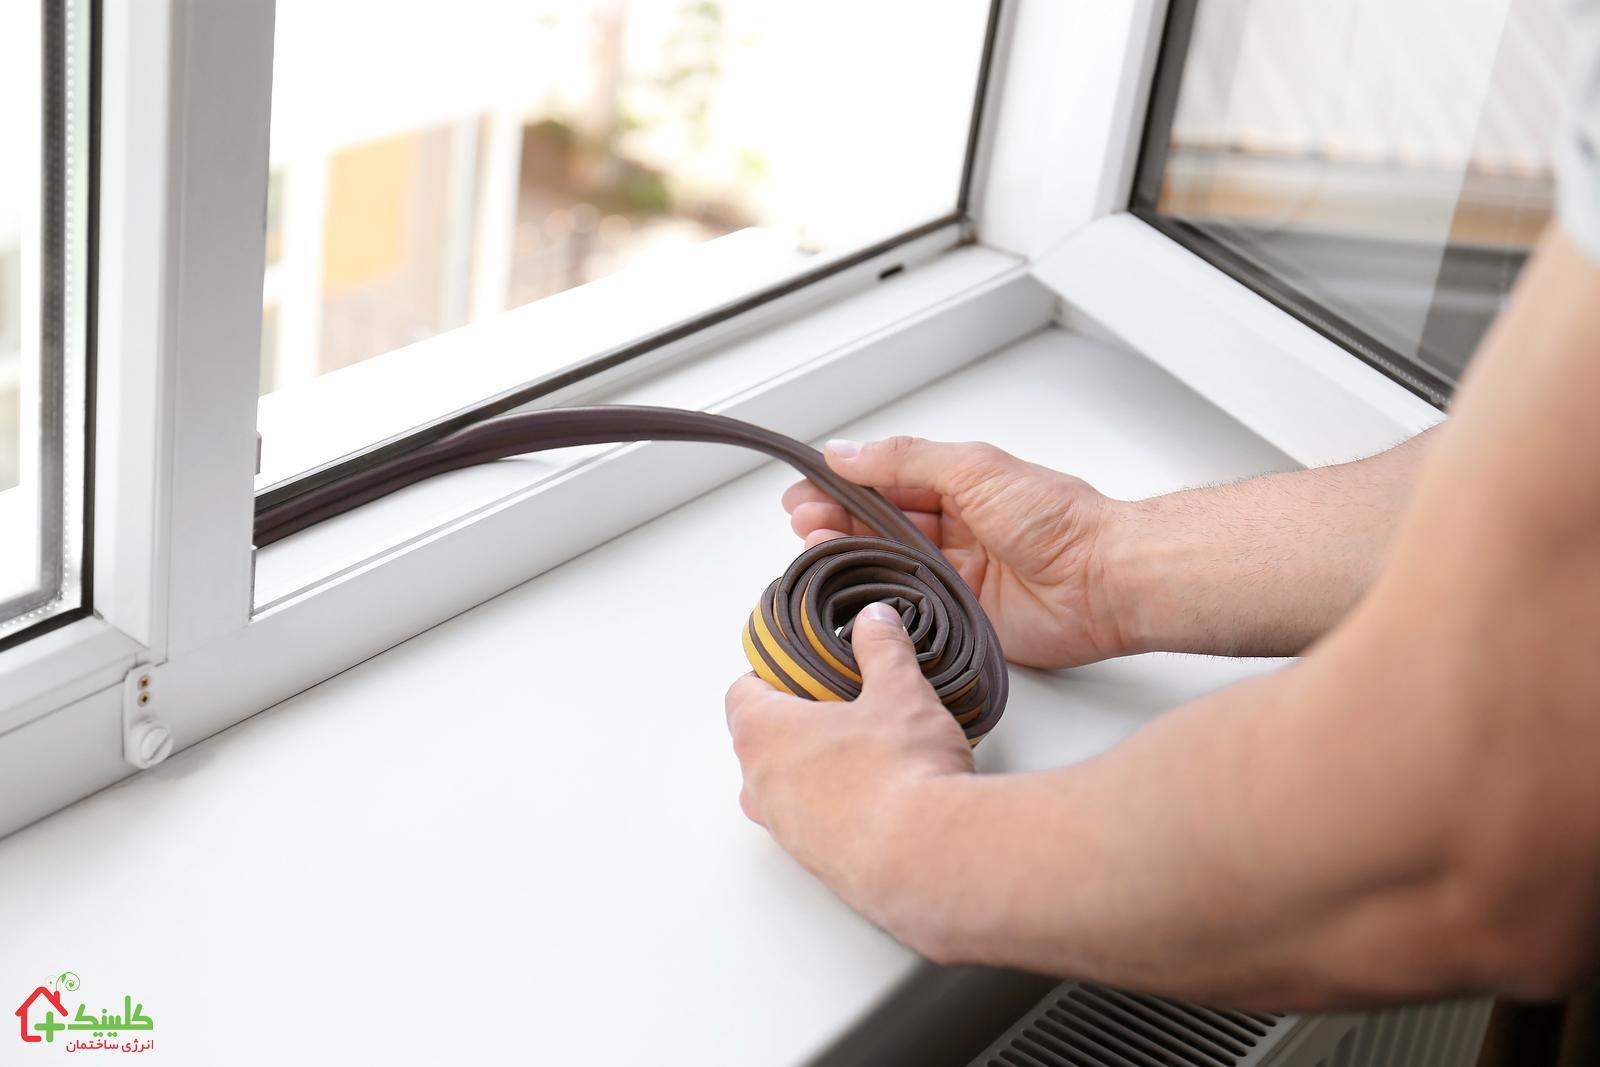 درز گیری پنجره برای کاهش هزینه قبض